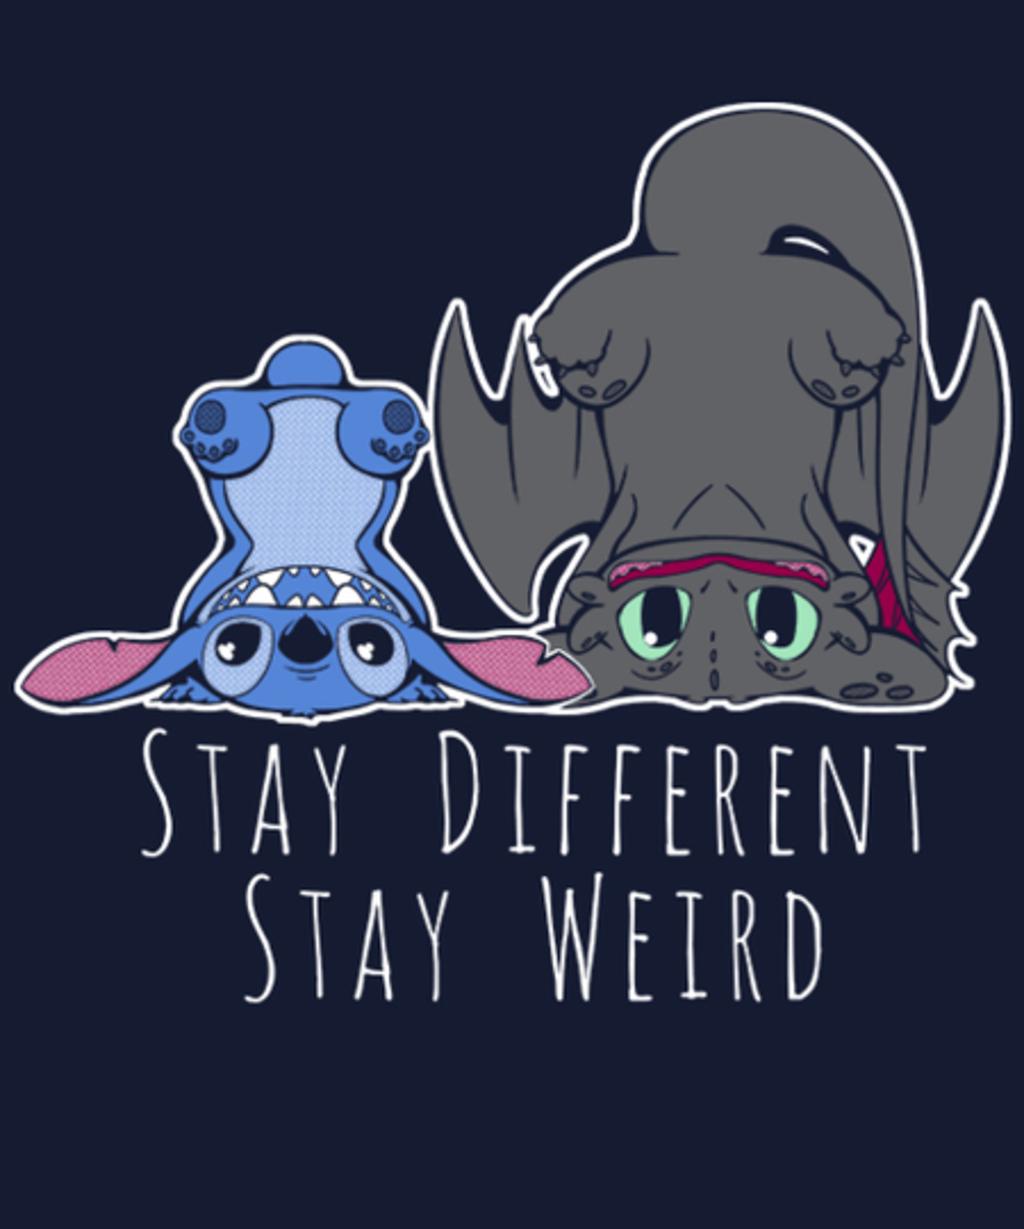 Qwertee: Stay Weird